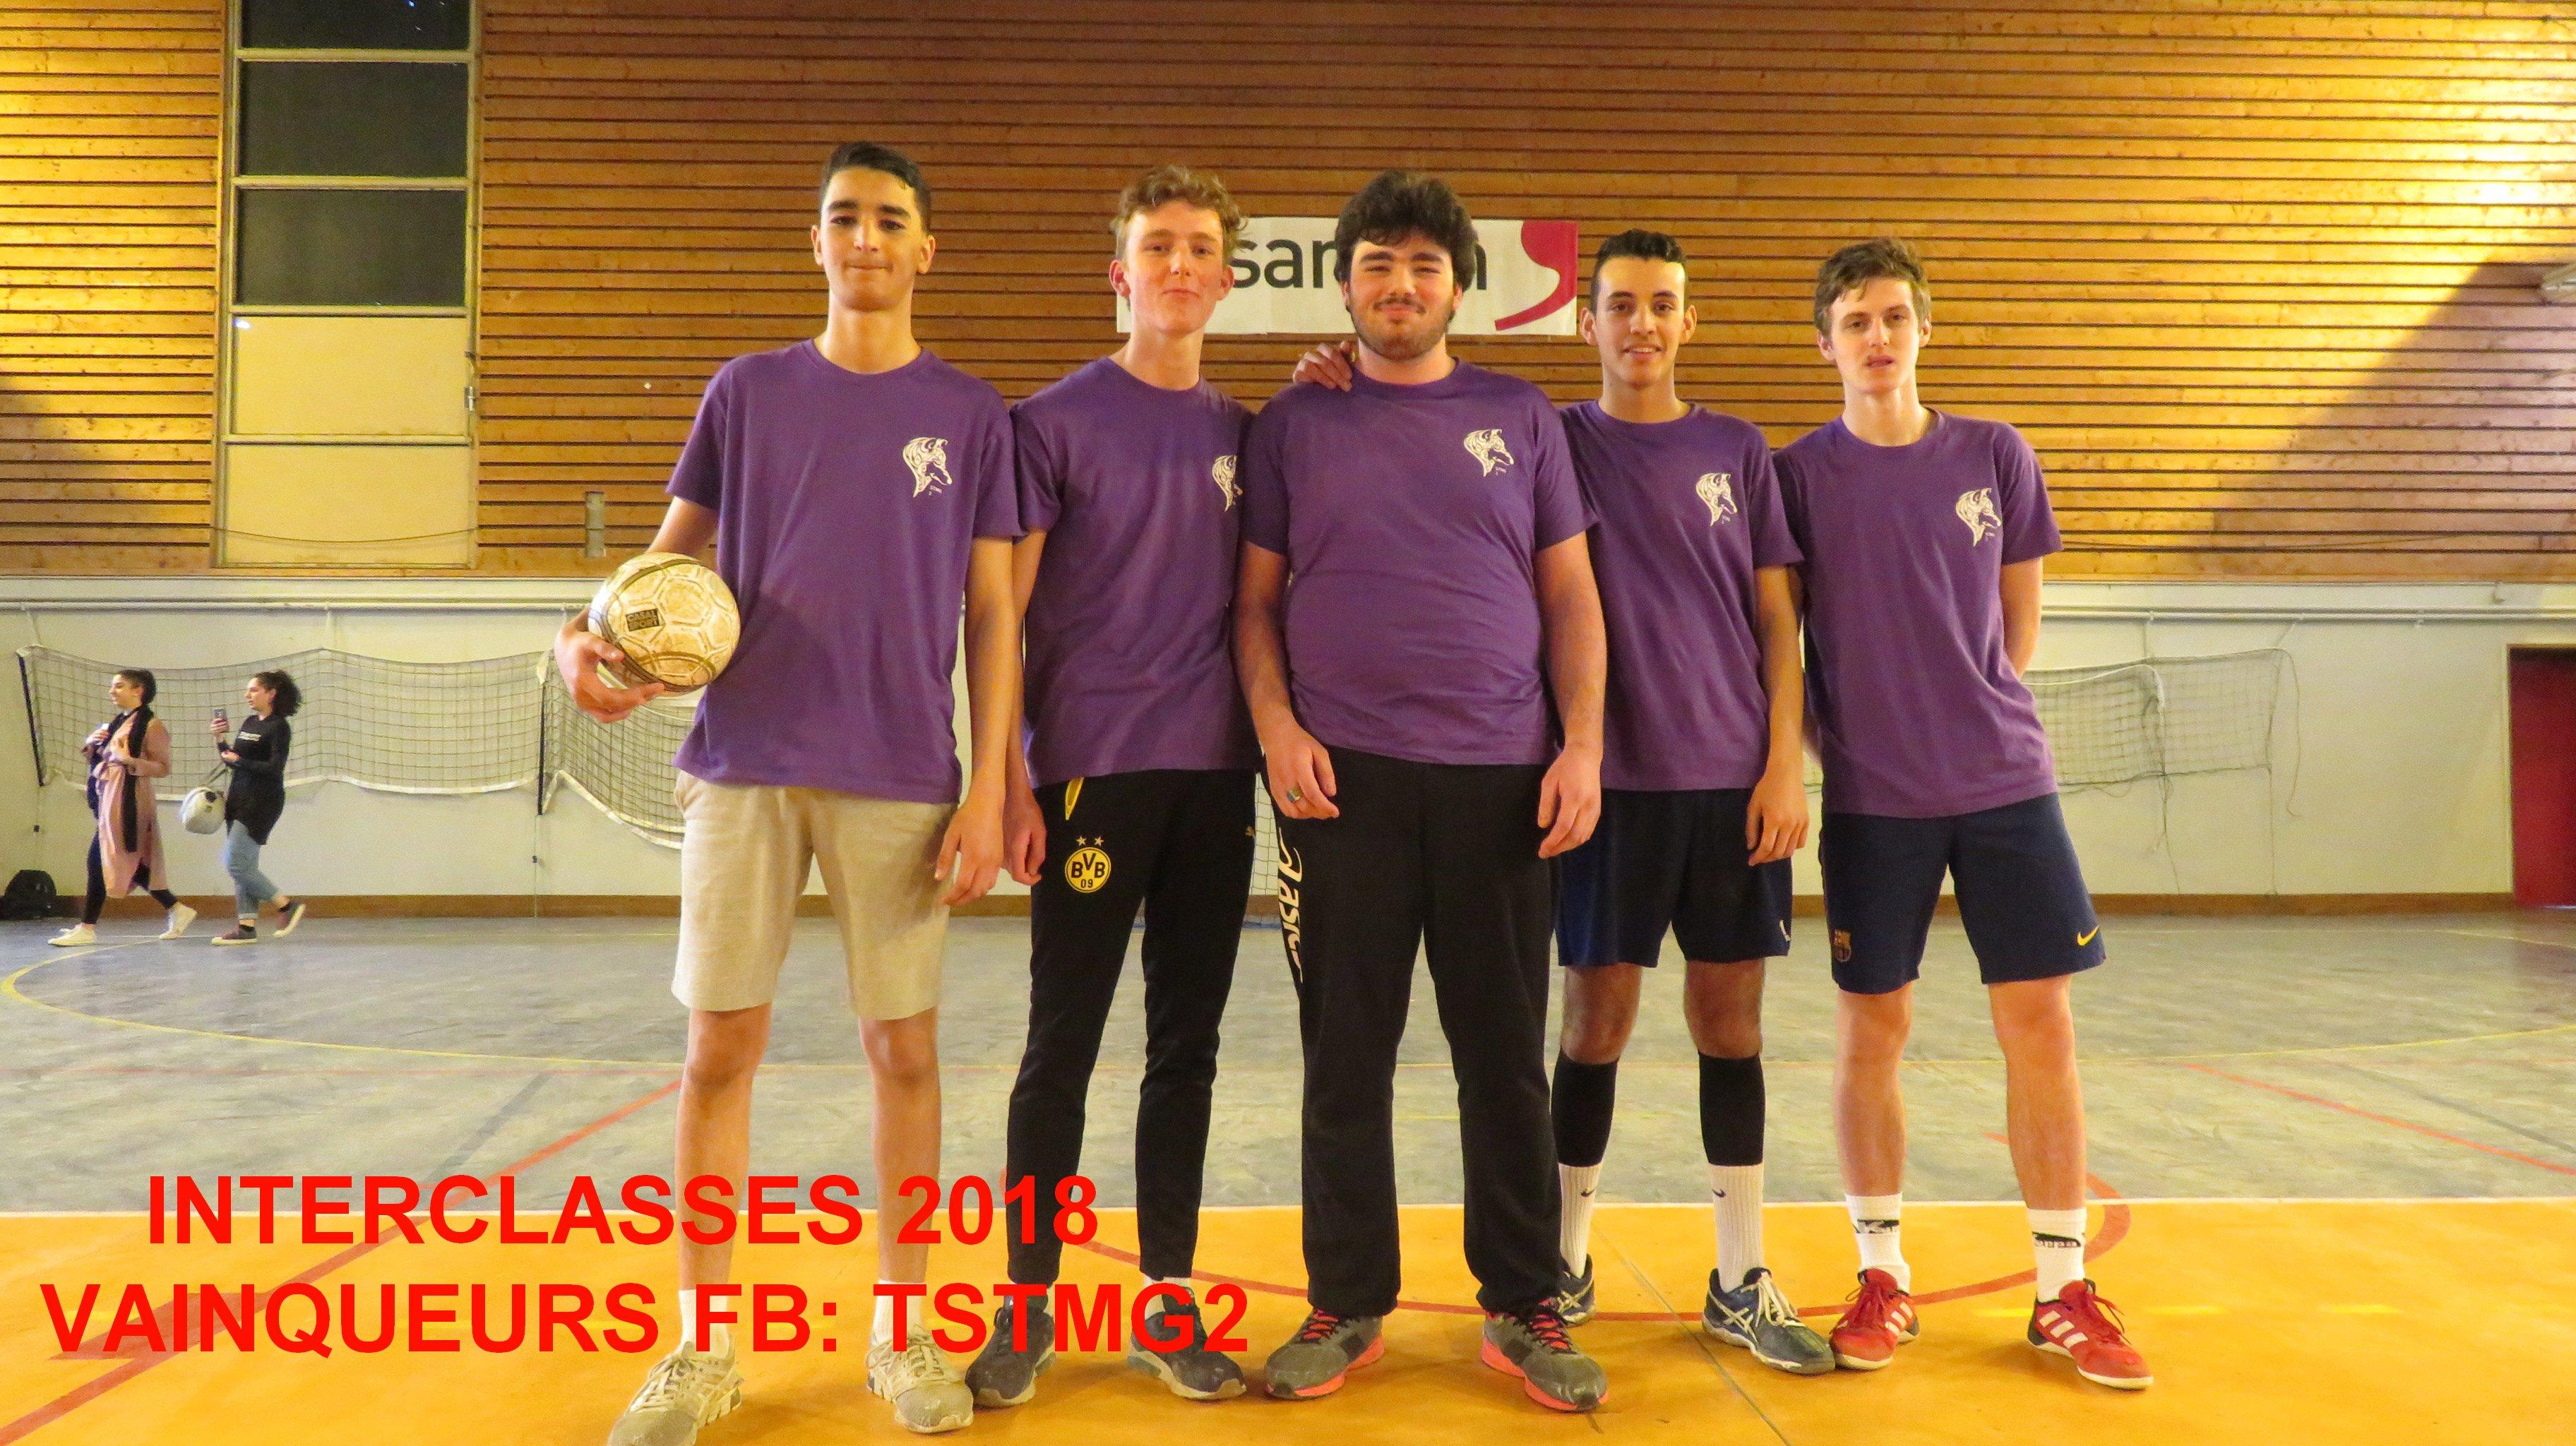 Vainqueurs FB TSTMG2